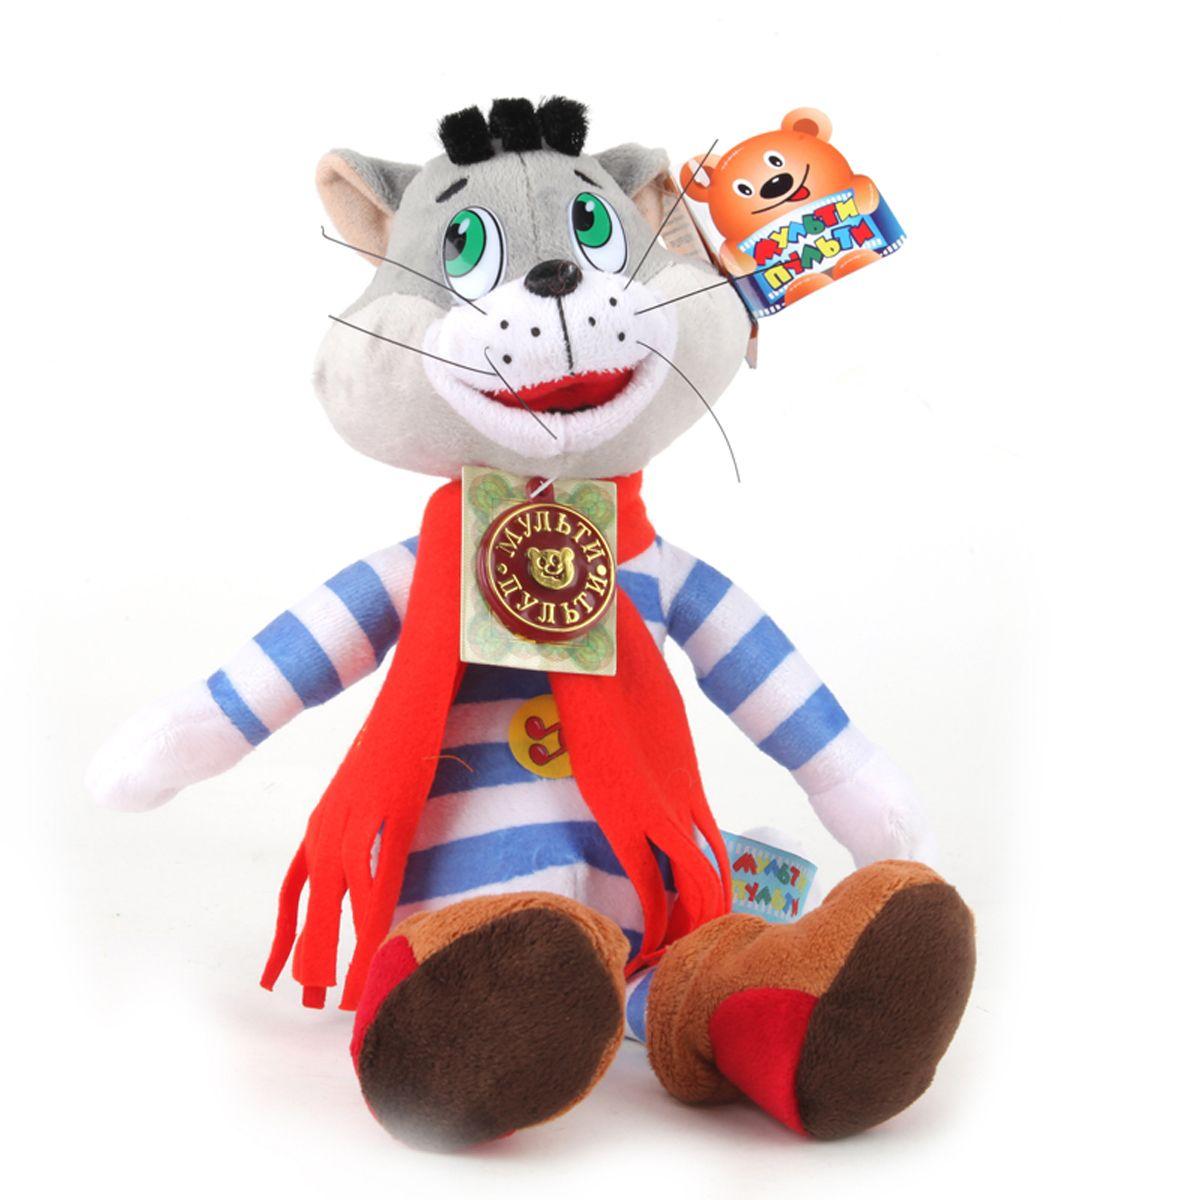 Мульти-Пульти Мягкая озвученная игрушка Матроскин 35 смV27548/22Мягкая озвученная игрушка Мульти-Пульти Матроскин непременно развеселит вашего малыша! Она выполнена в виде полосатого котика - персонажа известного мультфильма Трое из Простоквашино. Туловище игрушки мягконабивное и очень приятное на ощупь, на шее завязан красный шарфик с надписью Матроскин. На ногах у котика - мягкие валеночки. Если нажать котику на животик, то он произнесет фразы своего персонажа, или проиграет мелодию из мультфильма. Игрушка подарит своему обладателю хорошее настроение и позволит насладиться обществом любимого героя. Порадуйте своего ребенка таким замечательным подарком! Мягкая игрушка сама по себе ассоциируется с радостью и весельем, а для детей такой подарок станет поистине незабываемым. Забавные, добрые мягкие игрушки радуют детей с самого рождения. Ведь уже в первые месяцы жизни ребенок проявляет интерес к плюшевым зверятам и необычным персонажам. Они помогают ему познавать окружающий мир через тактильные ощущения, знакомят его с...